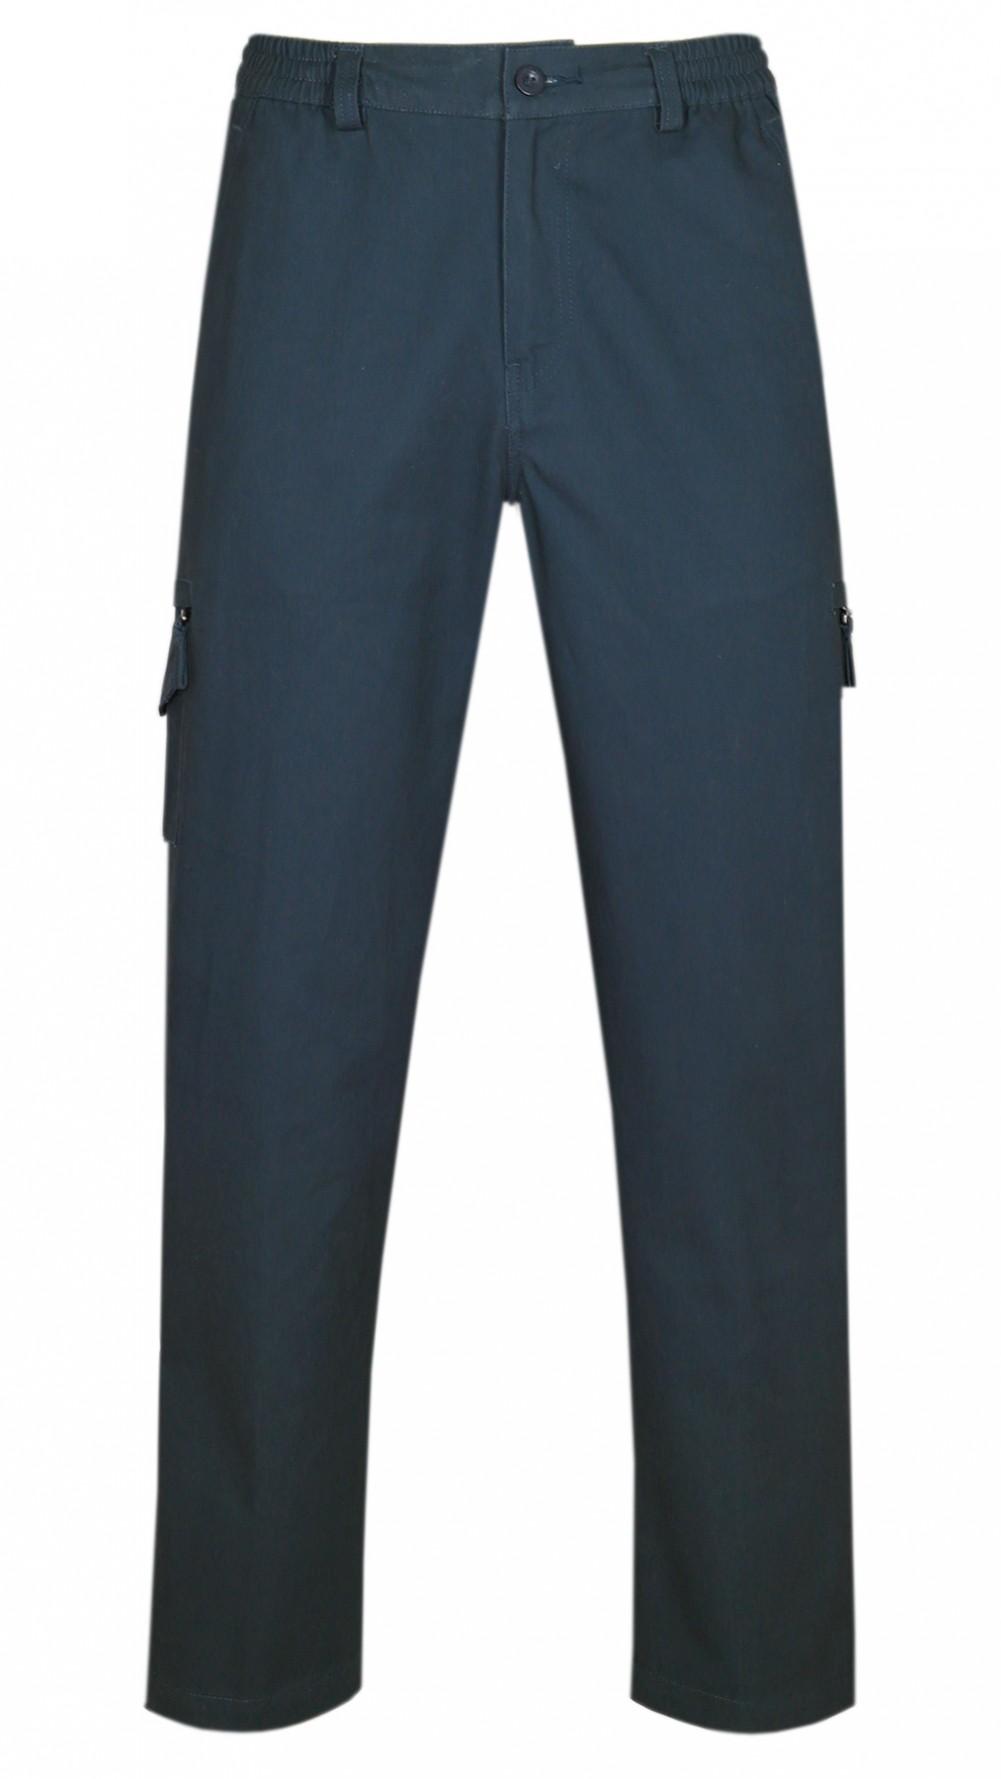 Dehnbund Hose Herren 100% Baumwolle - Navy